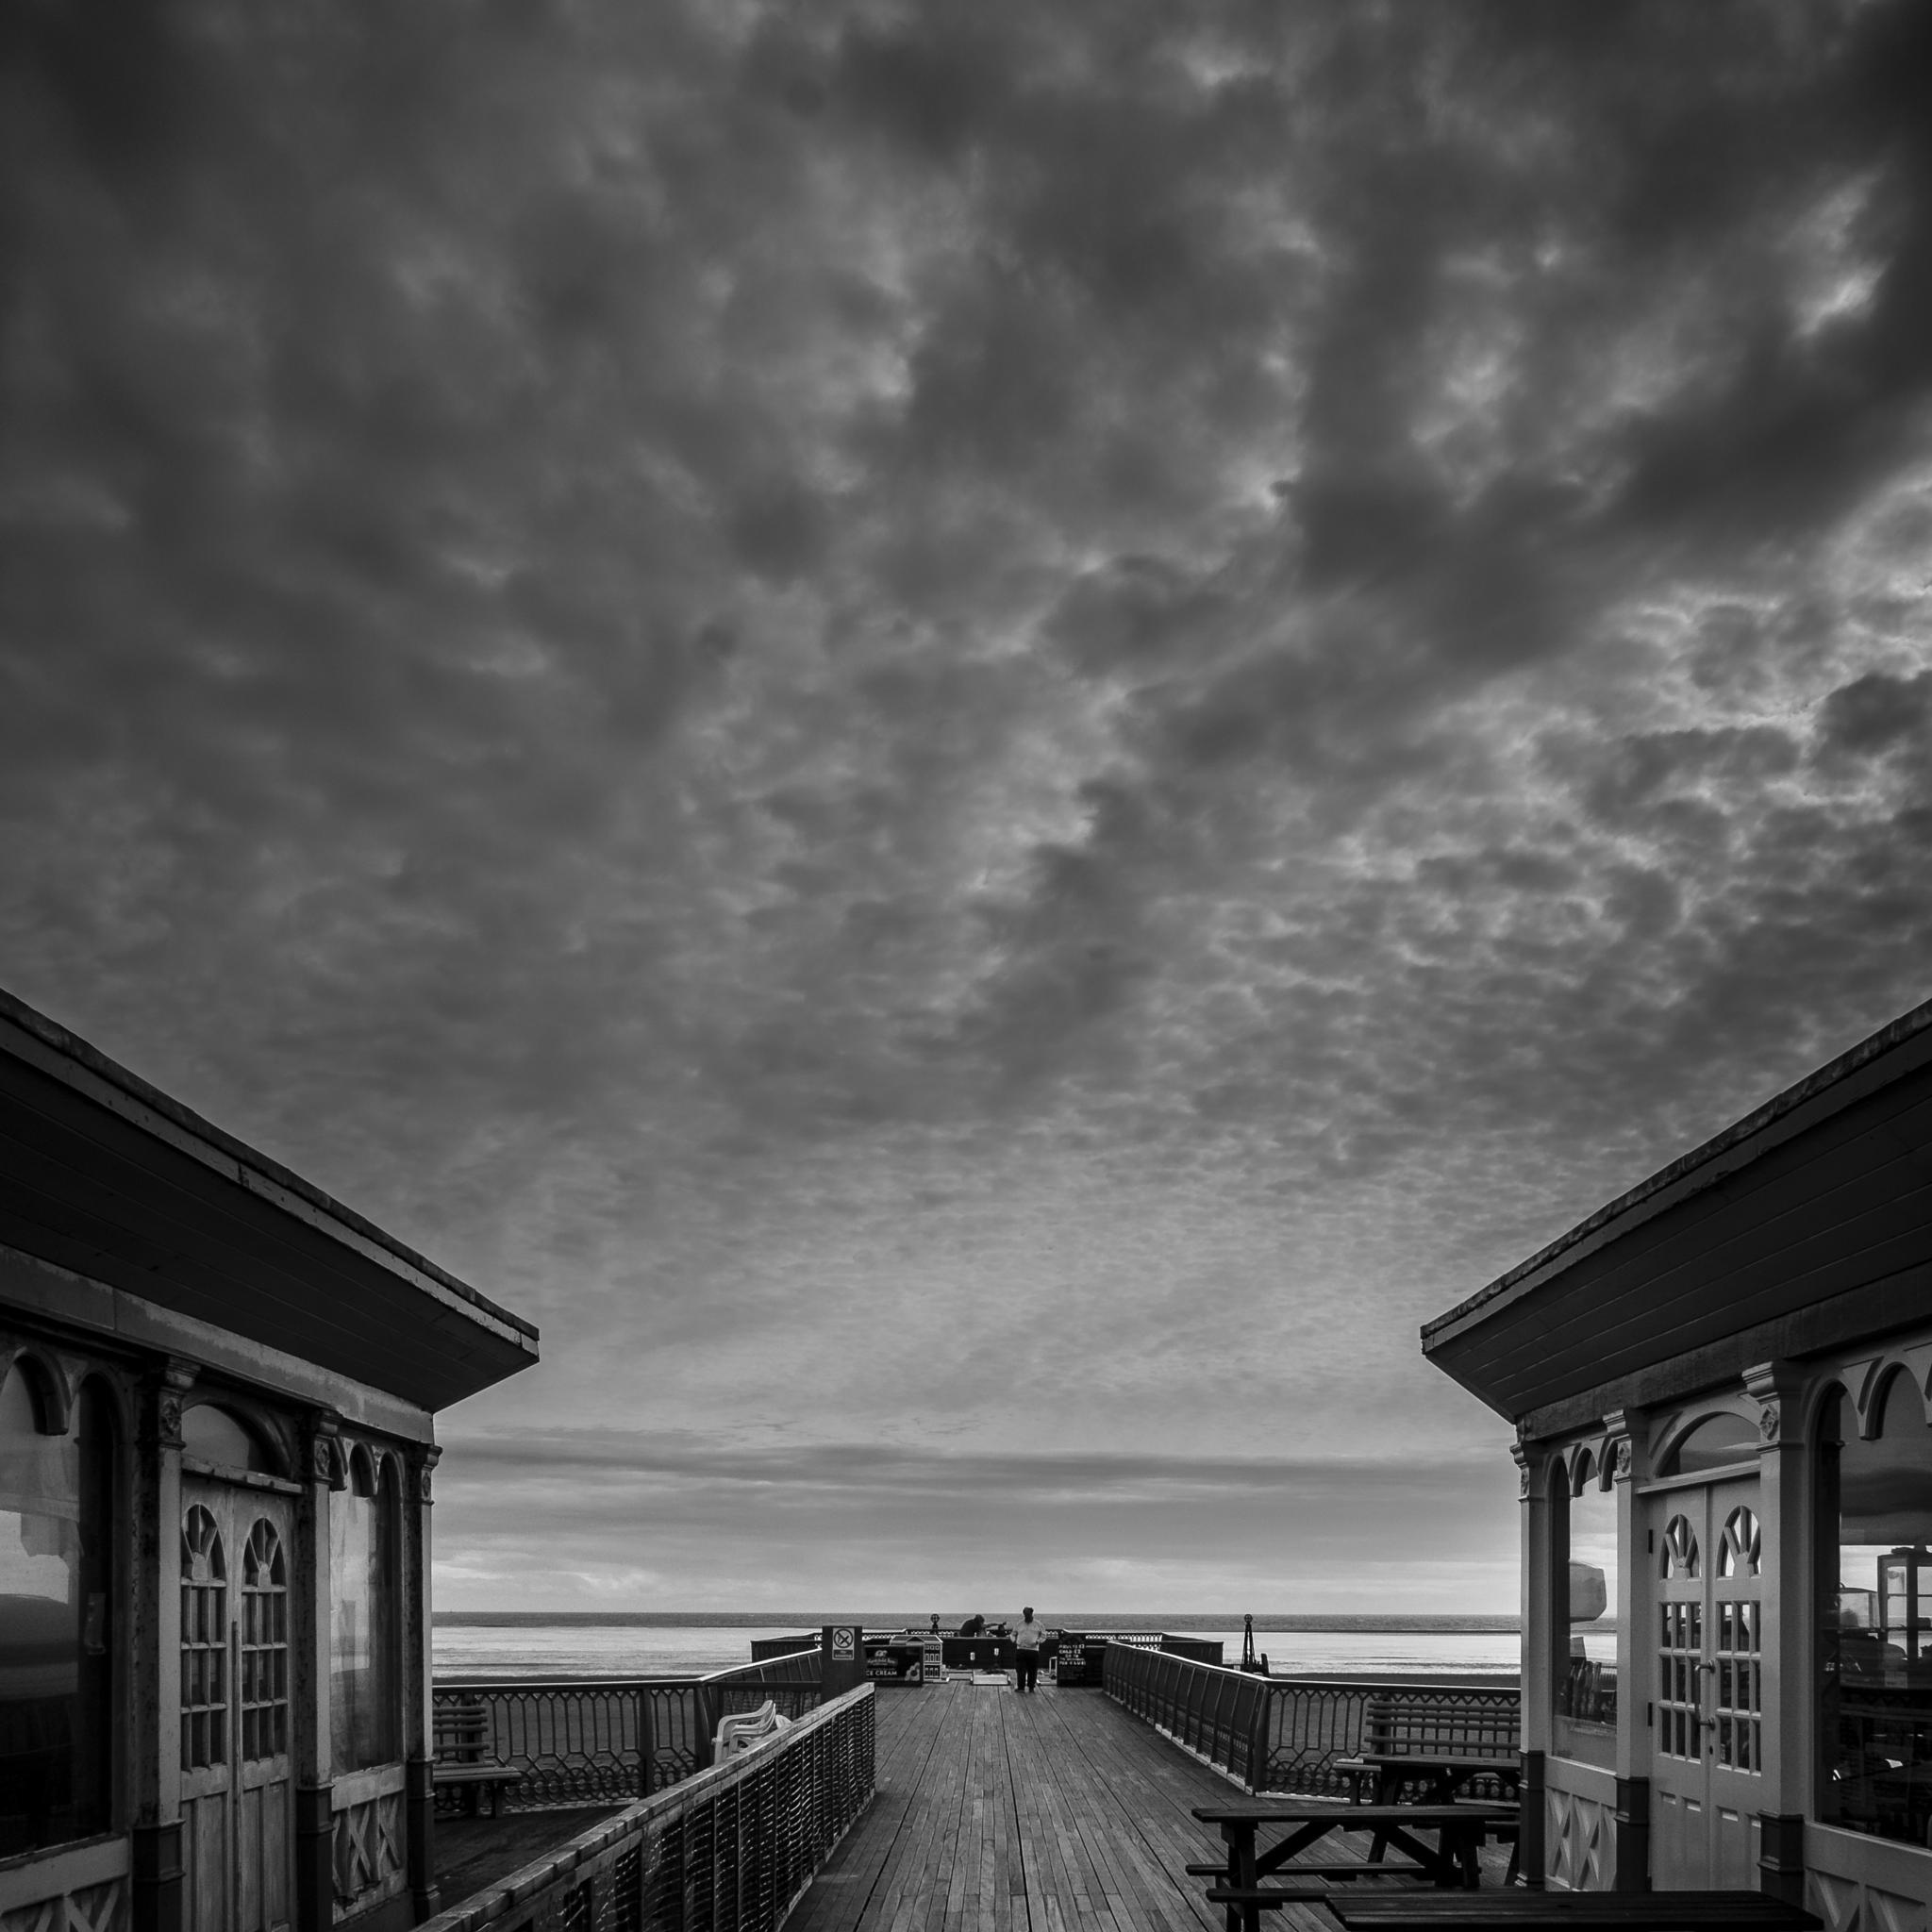 Pier by Tony Harratt